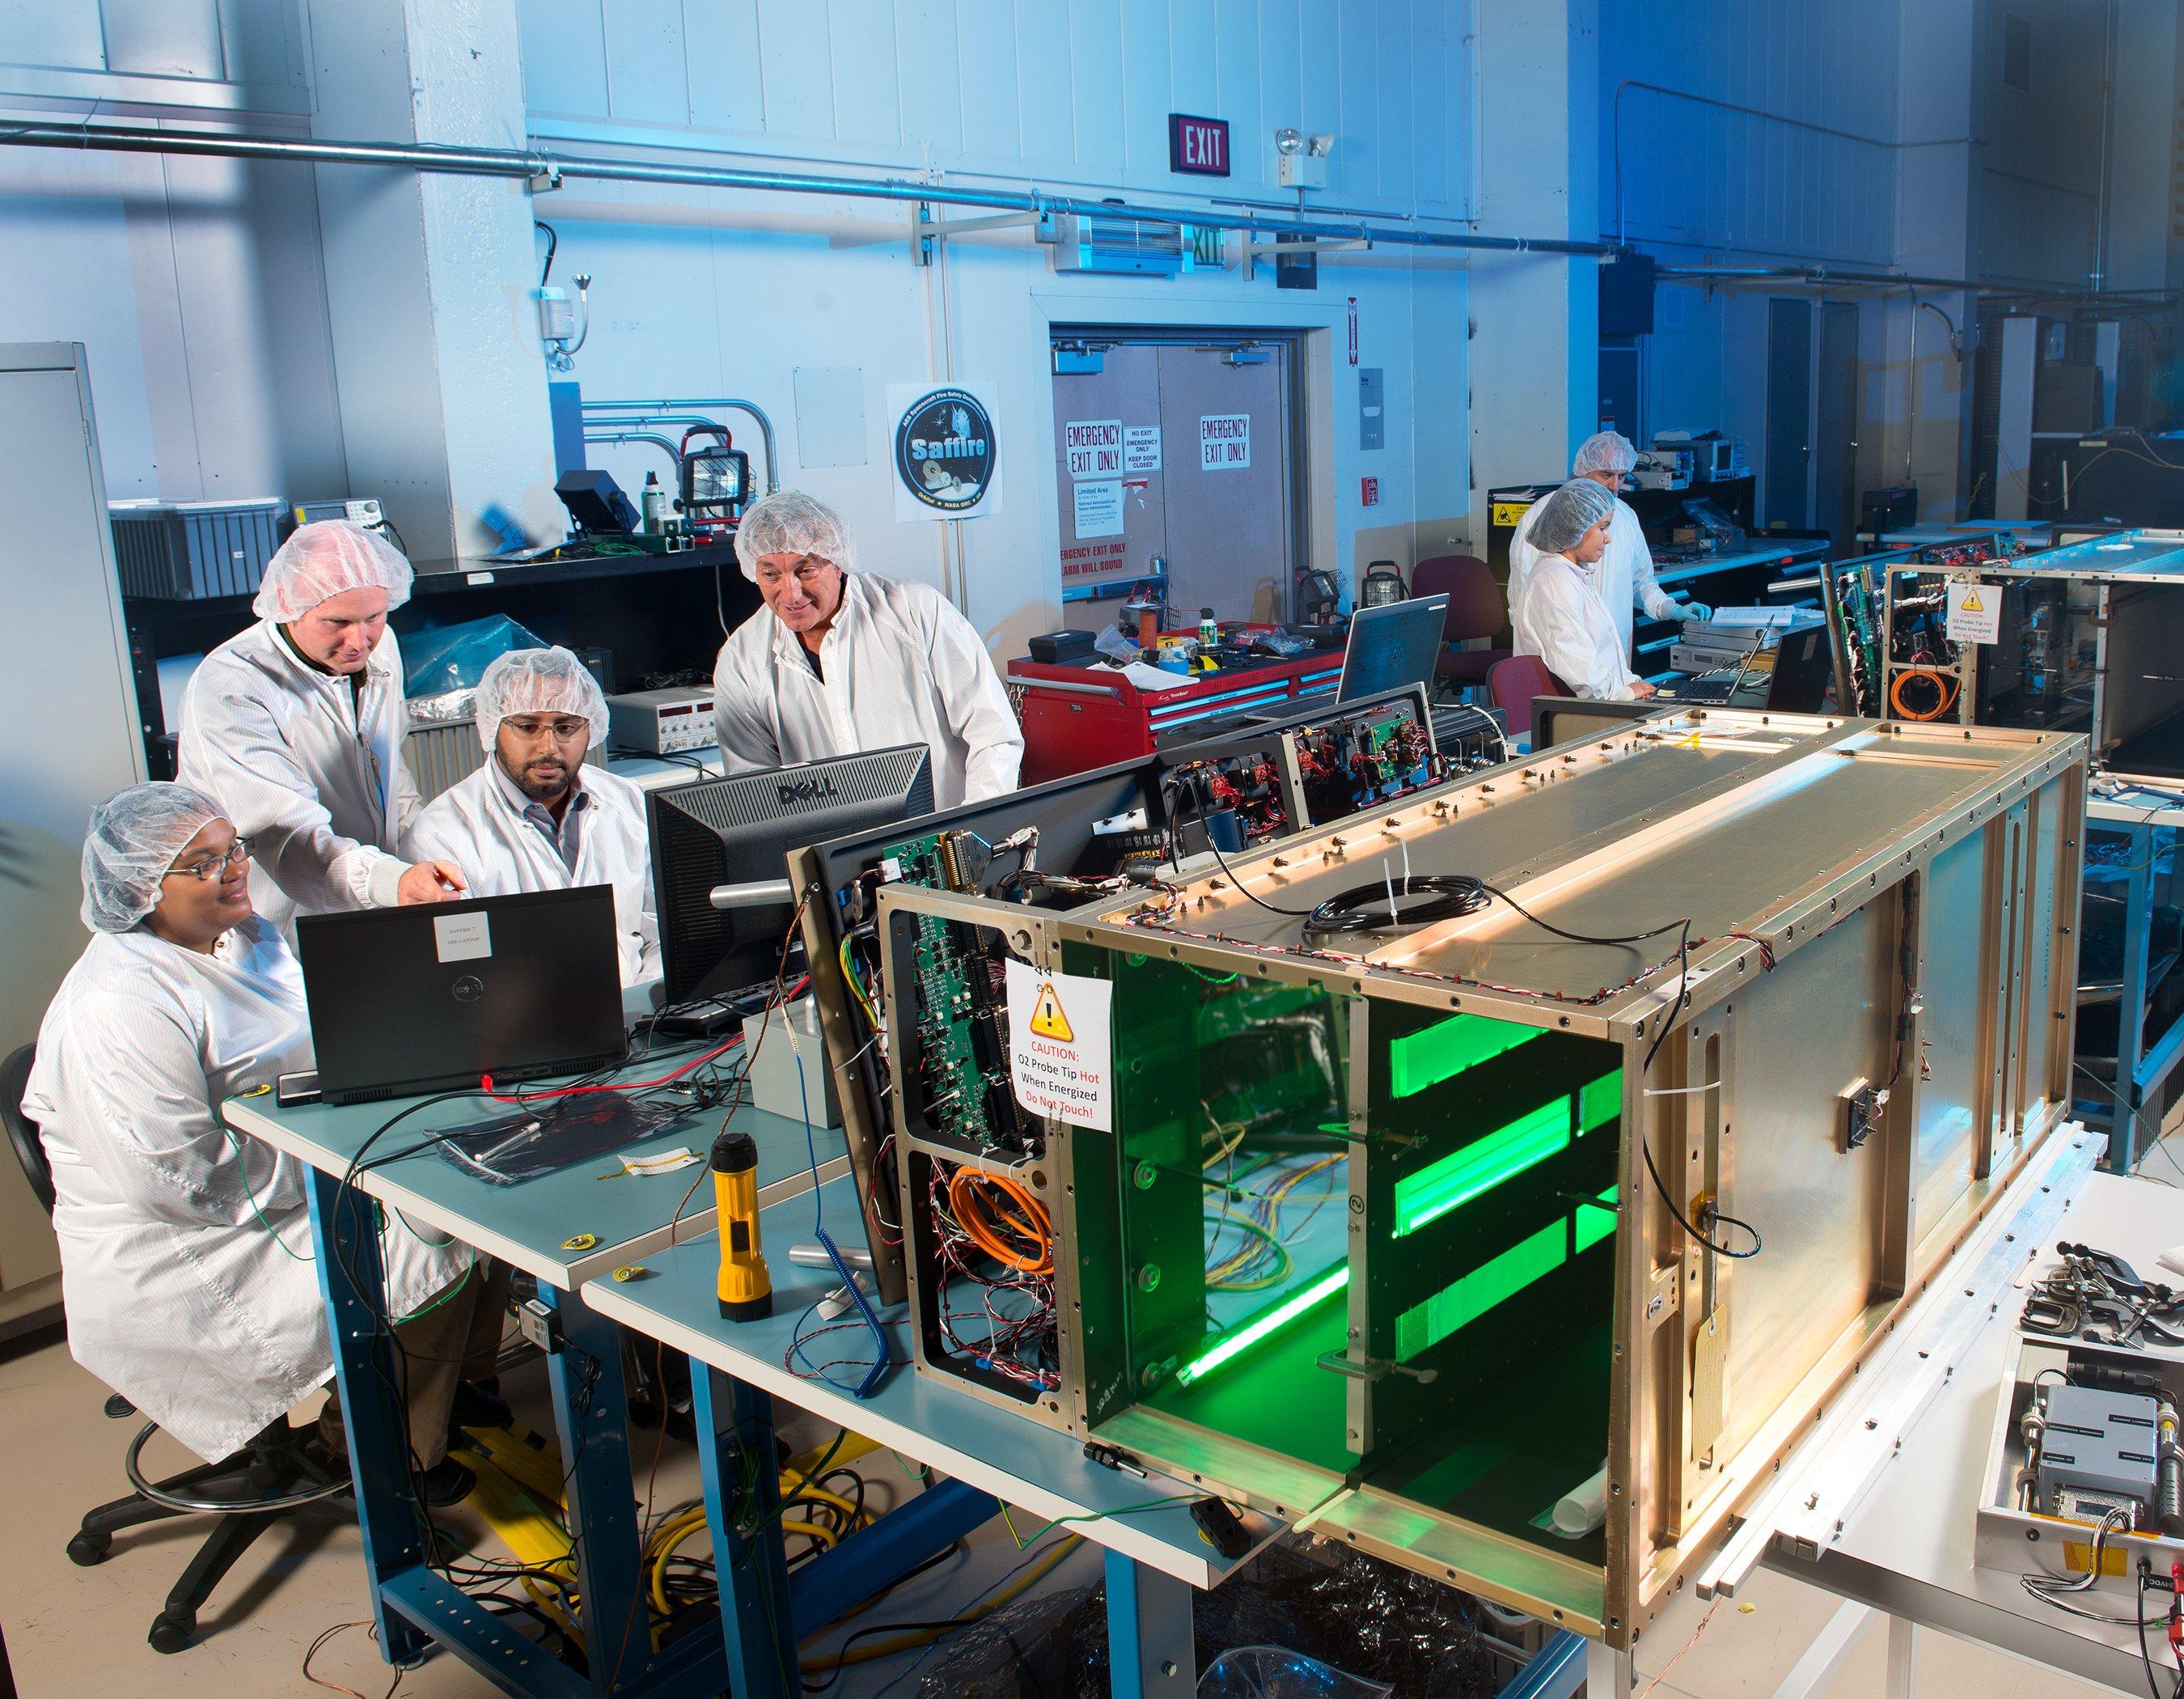 Ein Ingenieursteam des Nasa Glenn Research Centers in Cleveland bei Tests am Saffire II-Experiment. Die mittlere der drei sichtbaren, grün leuchtenden Proben ist die des Zarm. Die obere Probe ist ebenfalls aus Acrylglas, hat die gleichen Abmessungen jedoch ohne Strukturen und dient als Referenzexperiment.